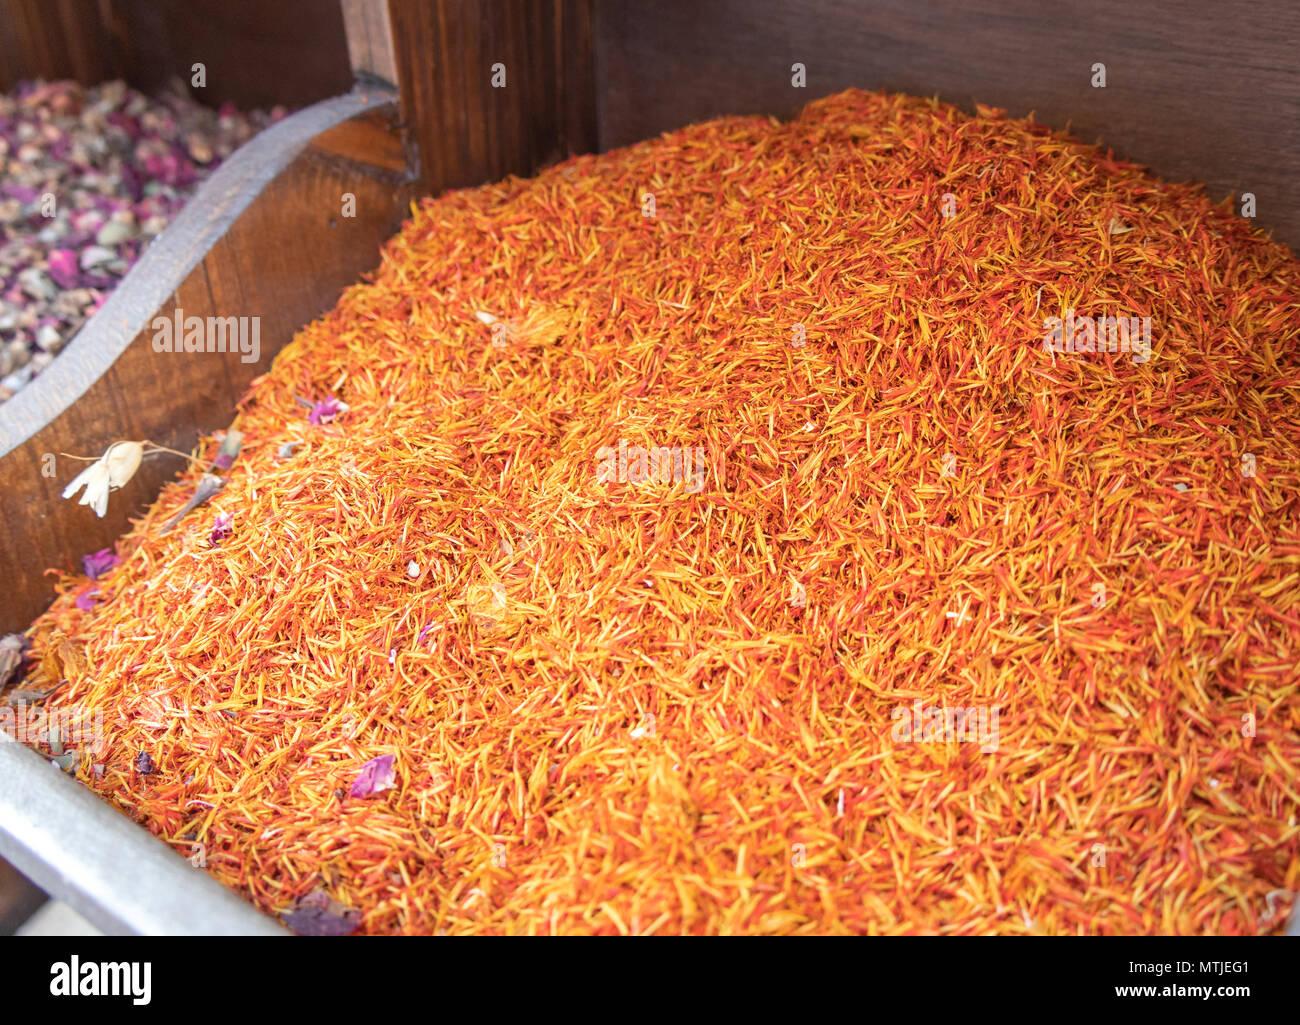 Jordan Amman SoukStock Photos and Images